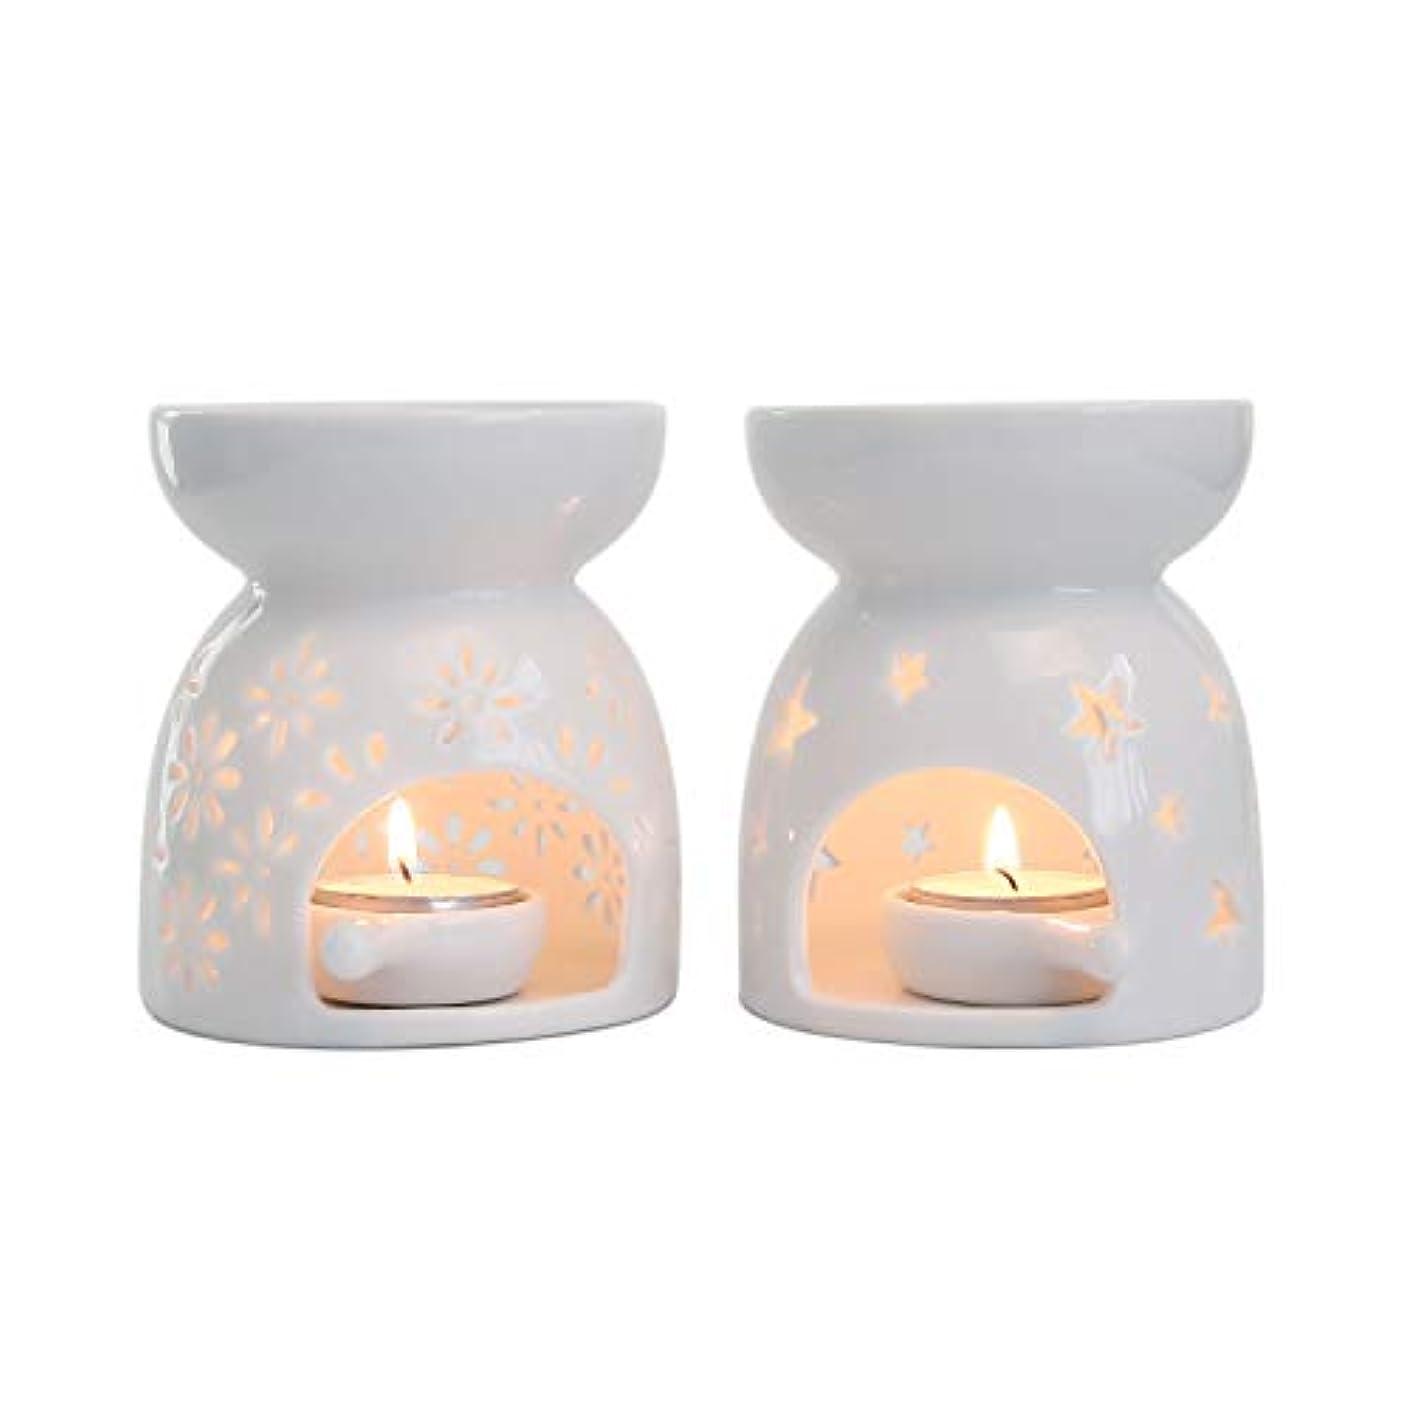 判定それから致命的なRachel's Choice 陶製 アロマ ランプ ディフューザー アロマキャンドル キャンドルホルダー 花形&星形 ホワイト 2点セット